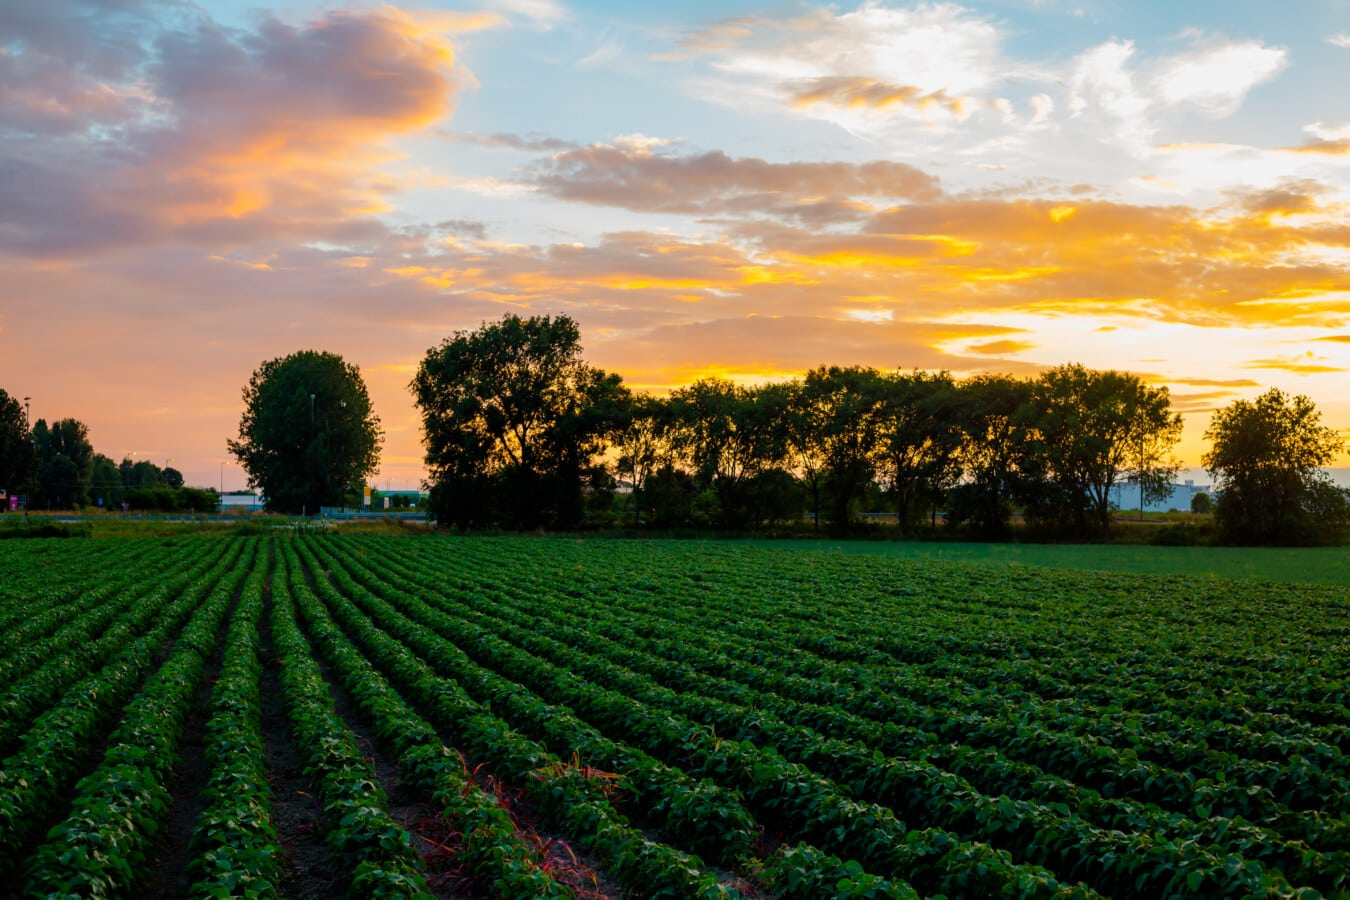 Soja, Landwirtschaft, Sojabohne, Feld, Atmosphäre, majestätisch, Sonnenuntergang, des ländlichen Raums, Landschaft, Labyrinth